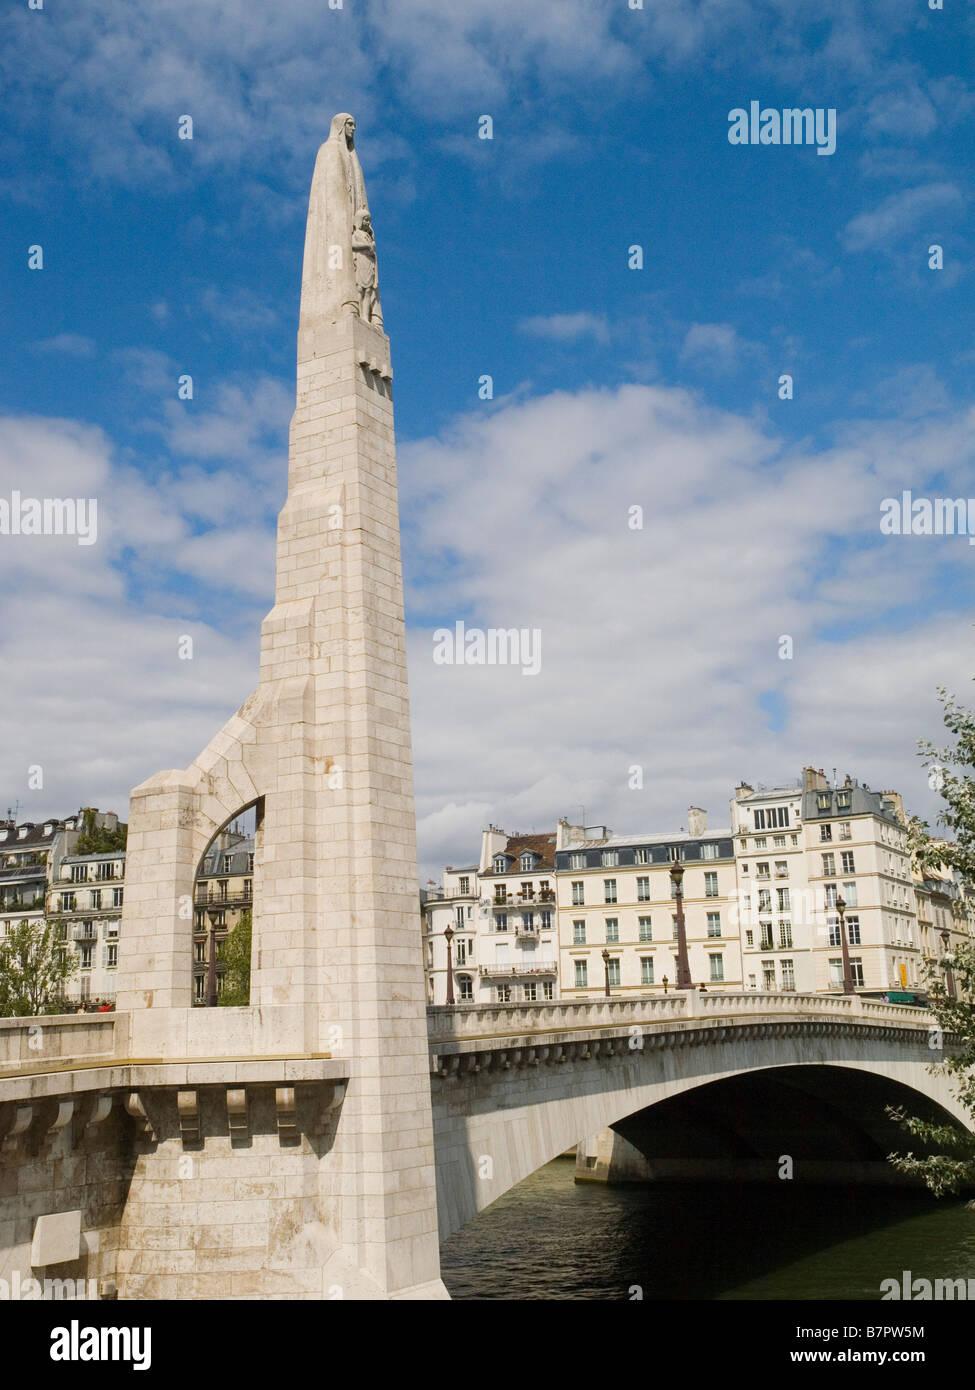 Tall statue of Saint Genevieve on Pont de la Tournelle Paris France Europe - Stock Image